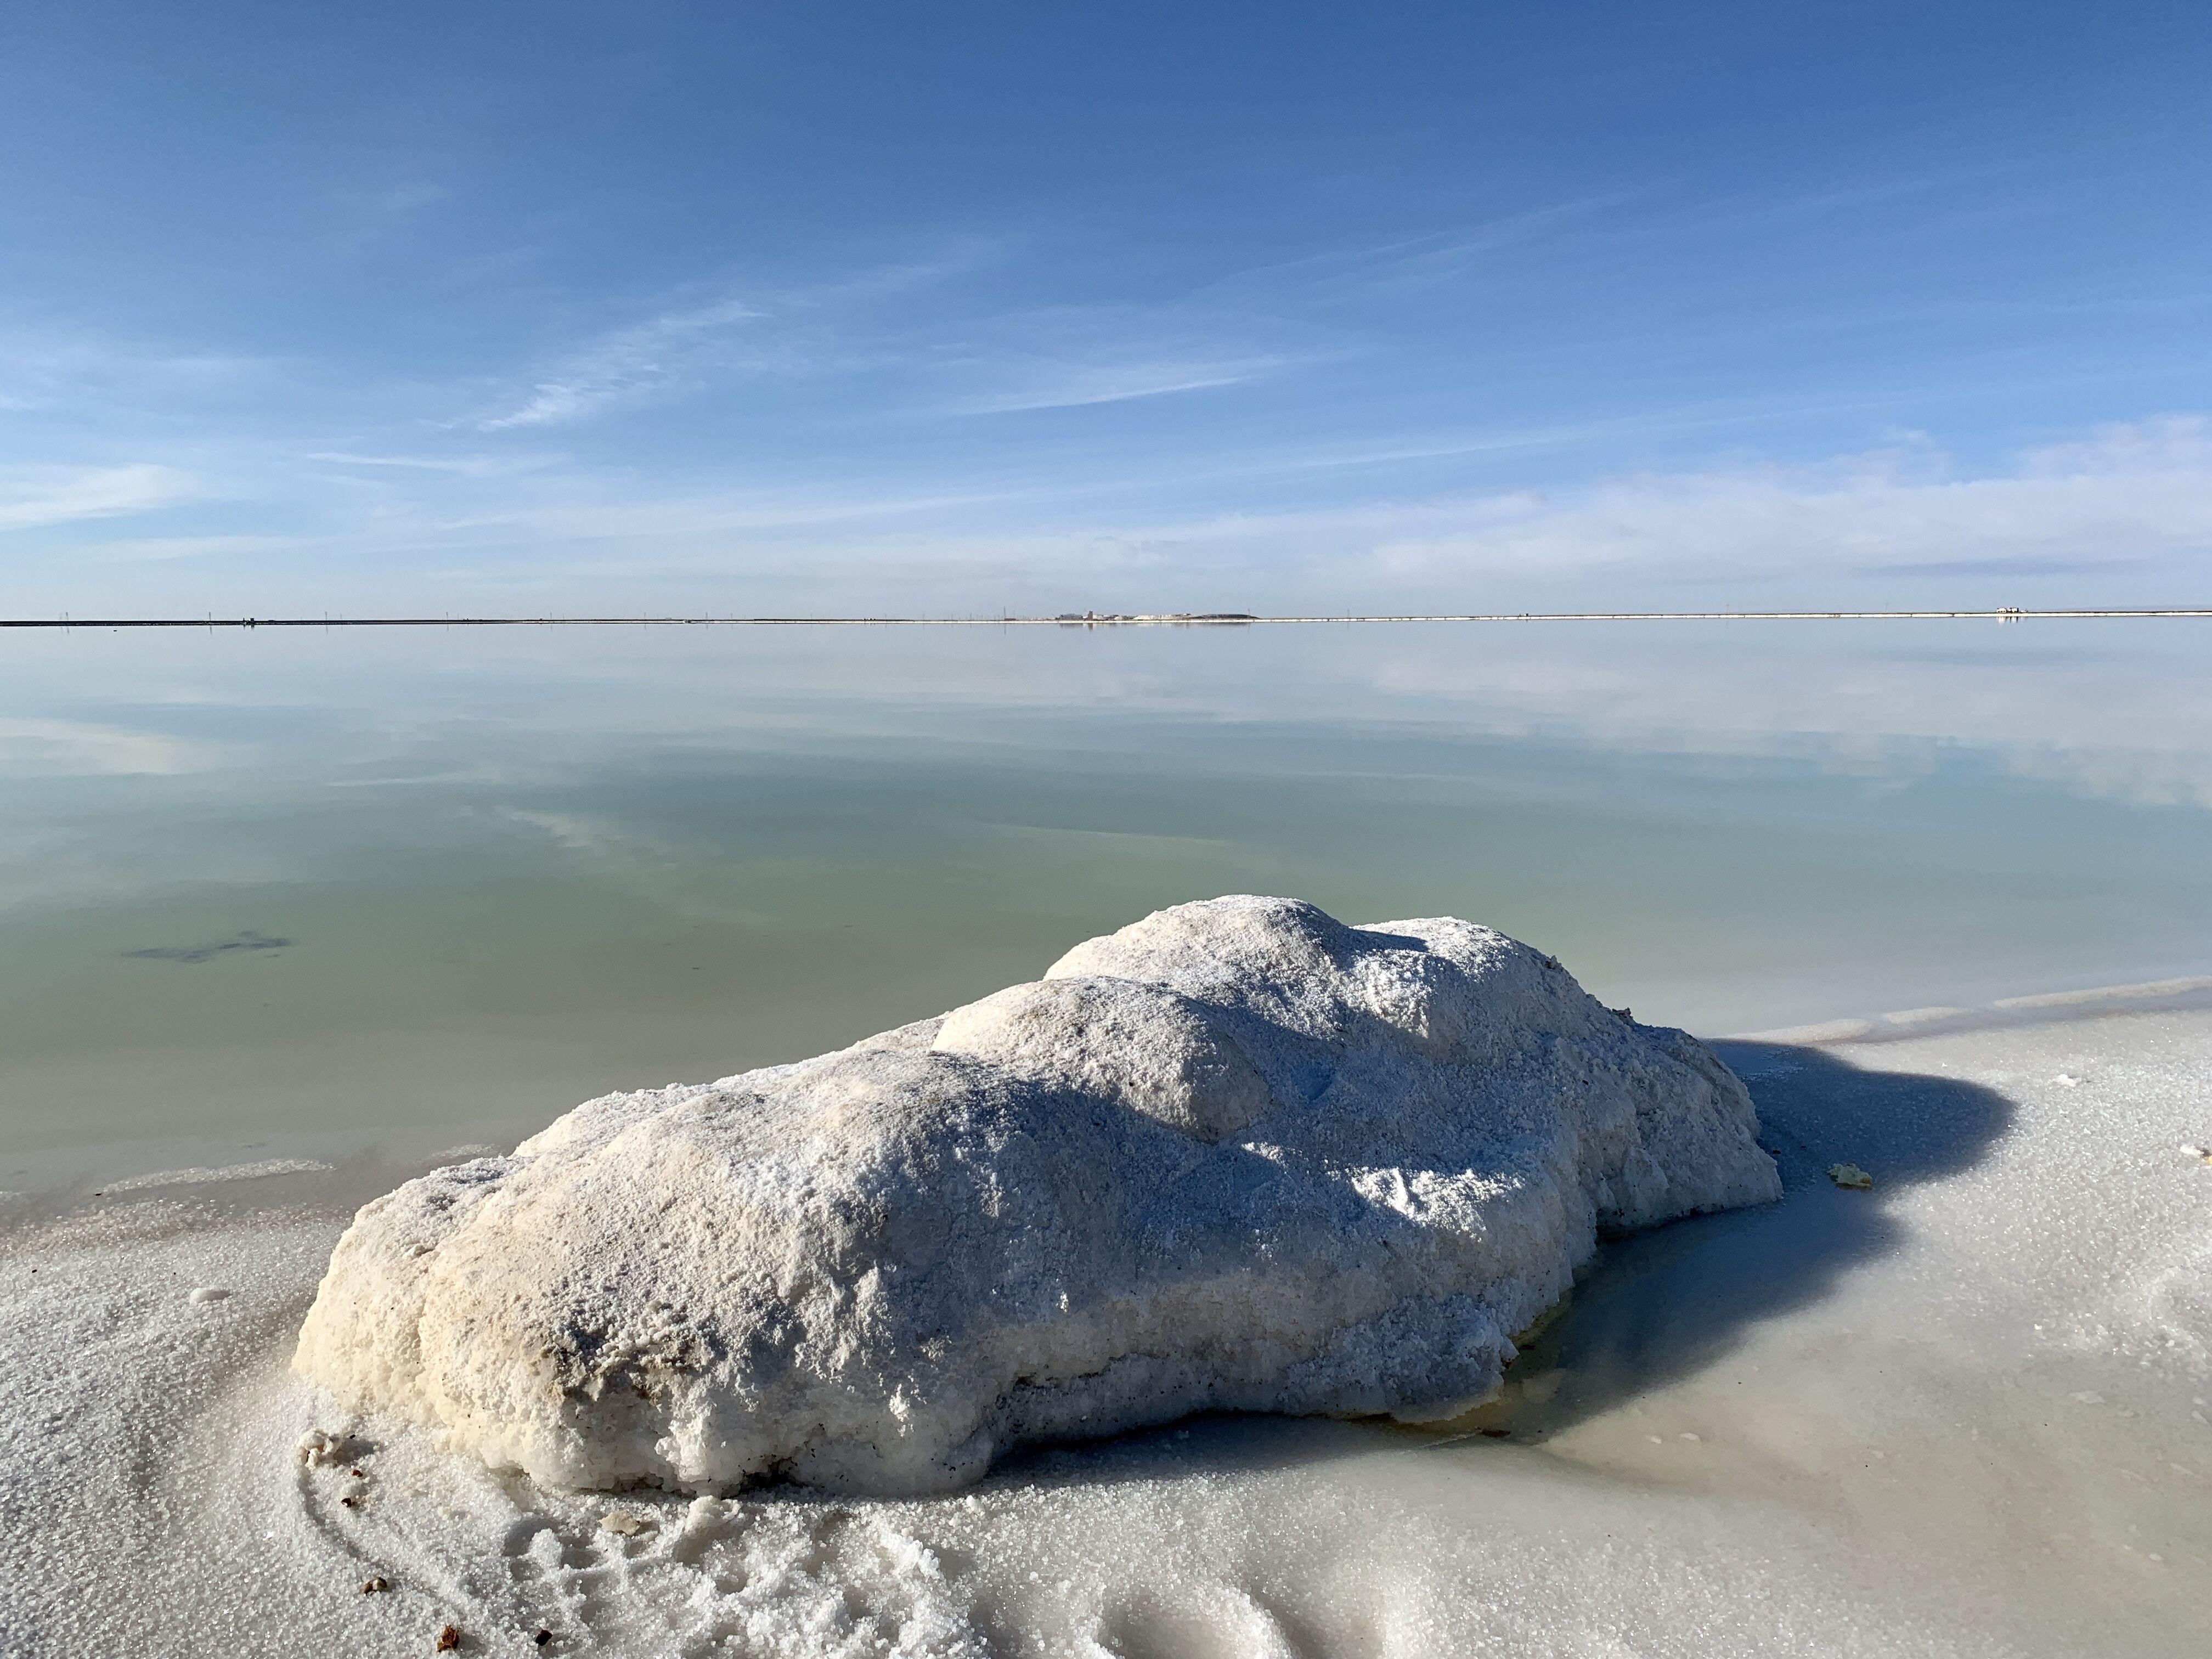 低库存催涨钴系产品价格 锂盐交易价格向低幅收敛